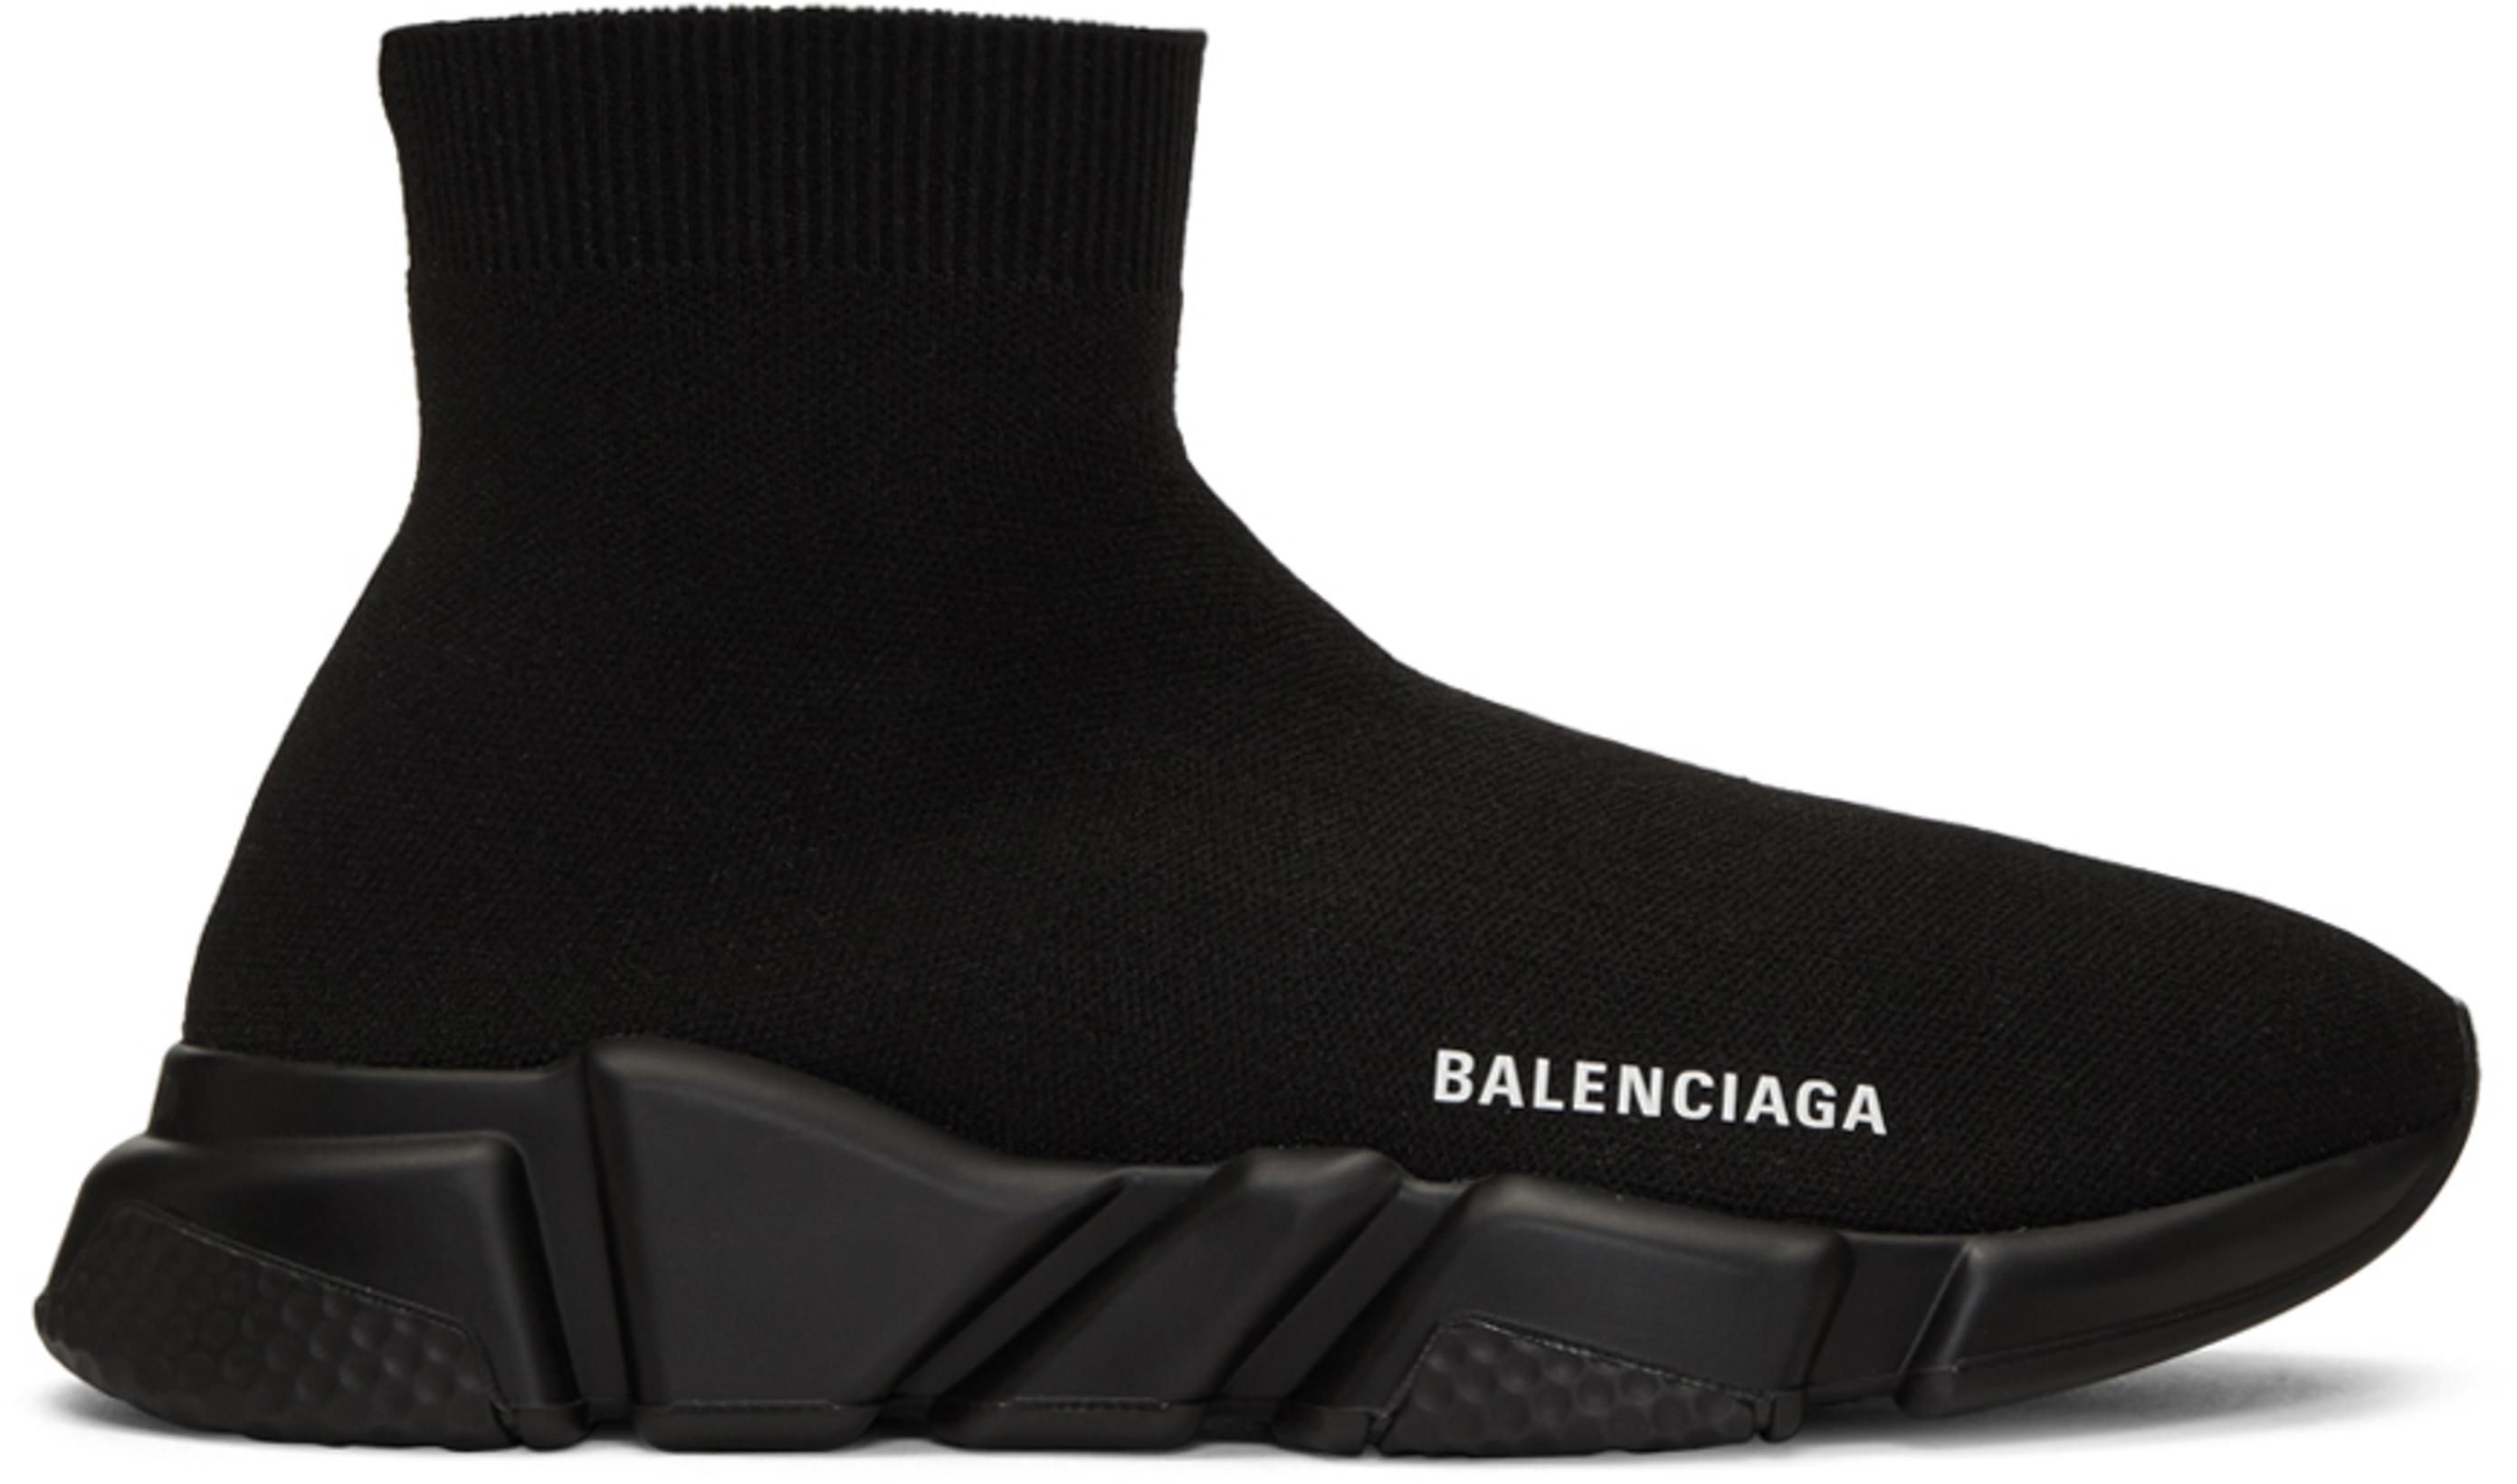 BALENCIAGA スピード トレーナー